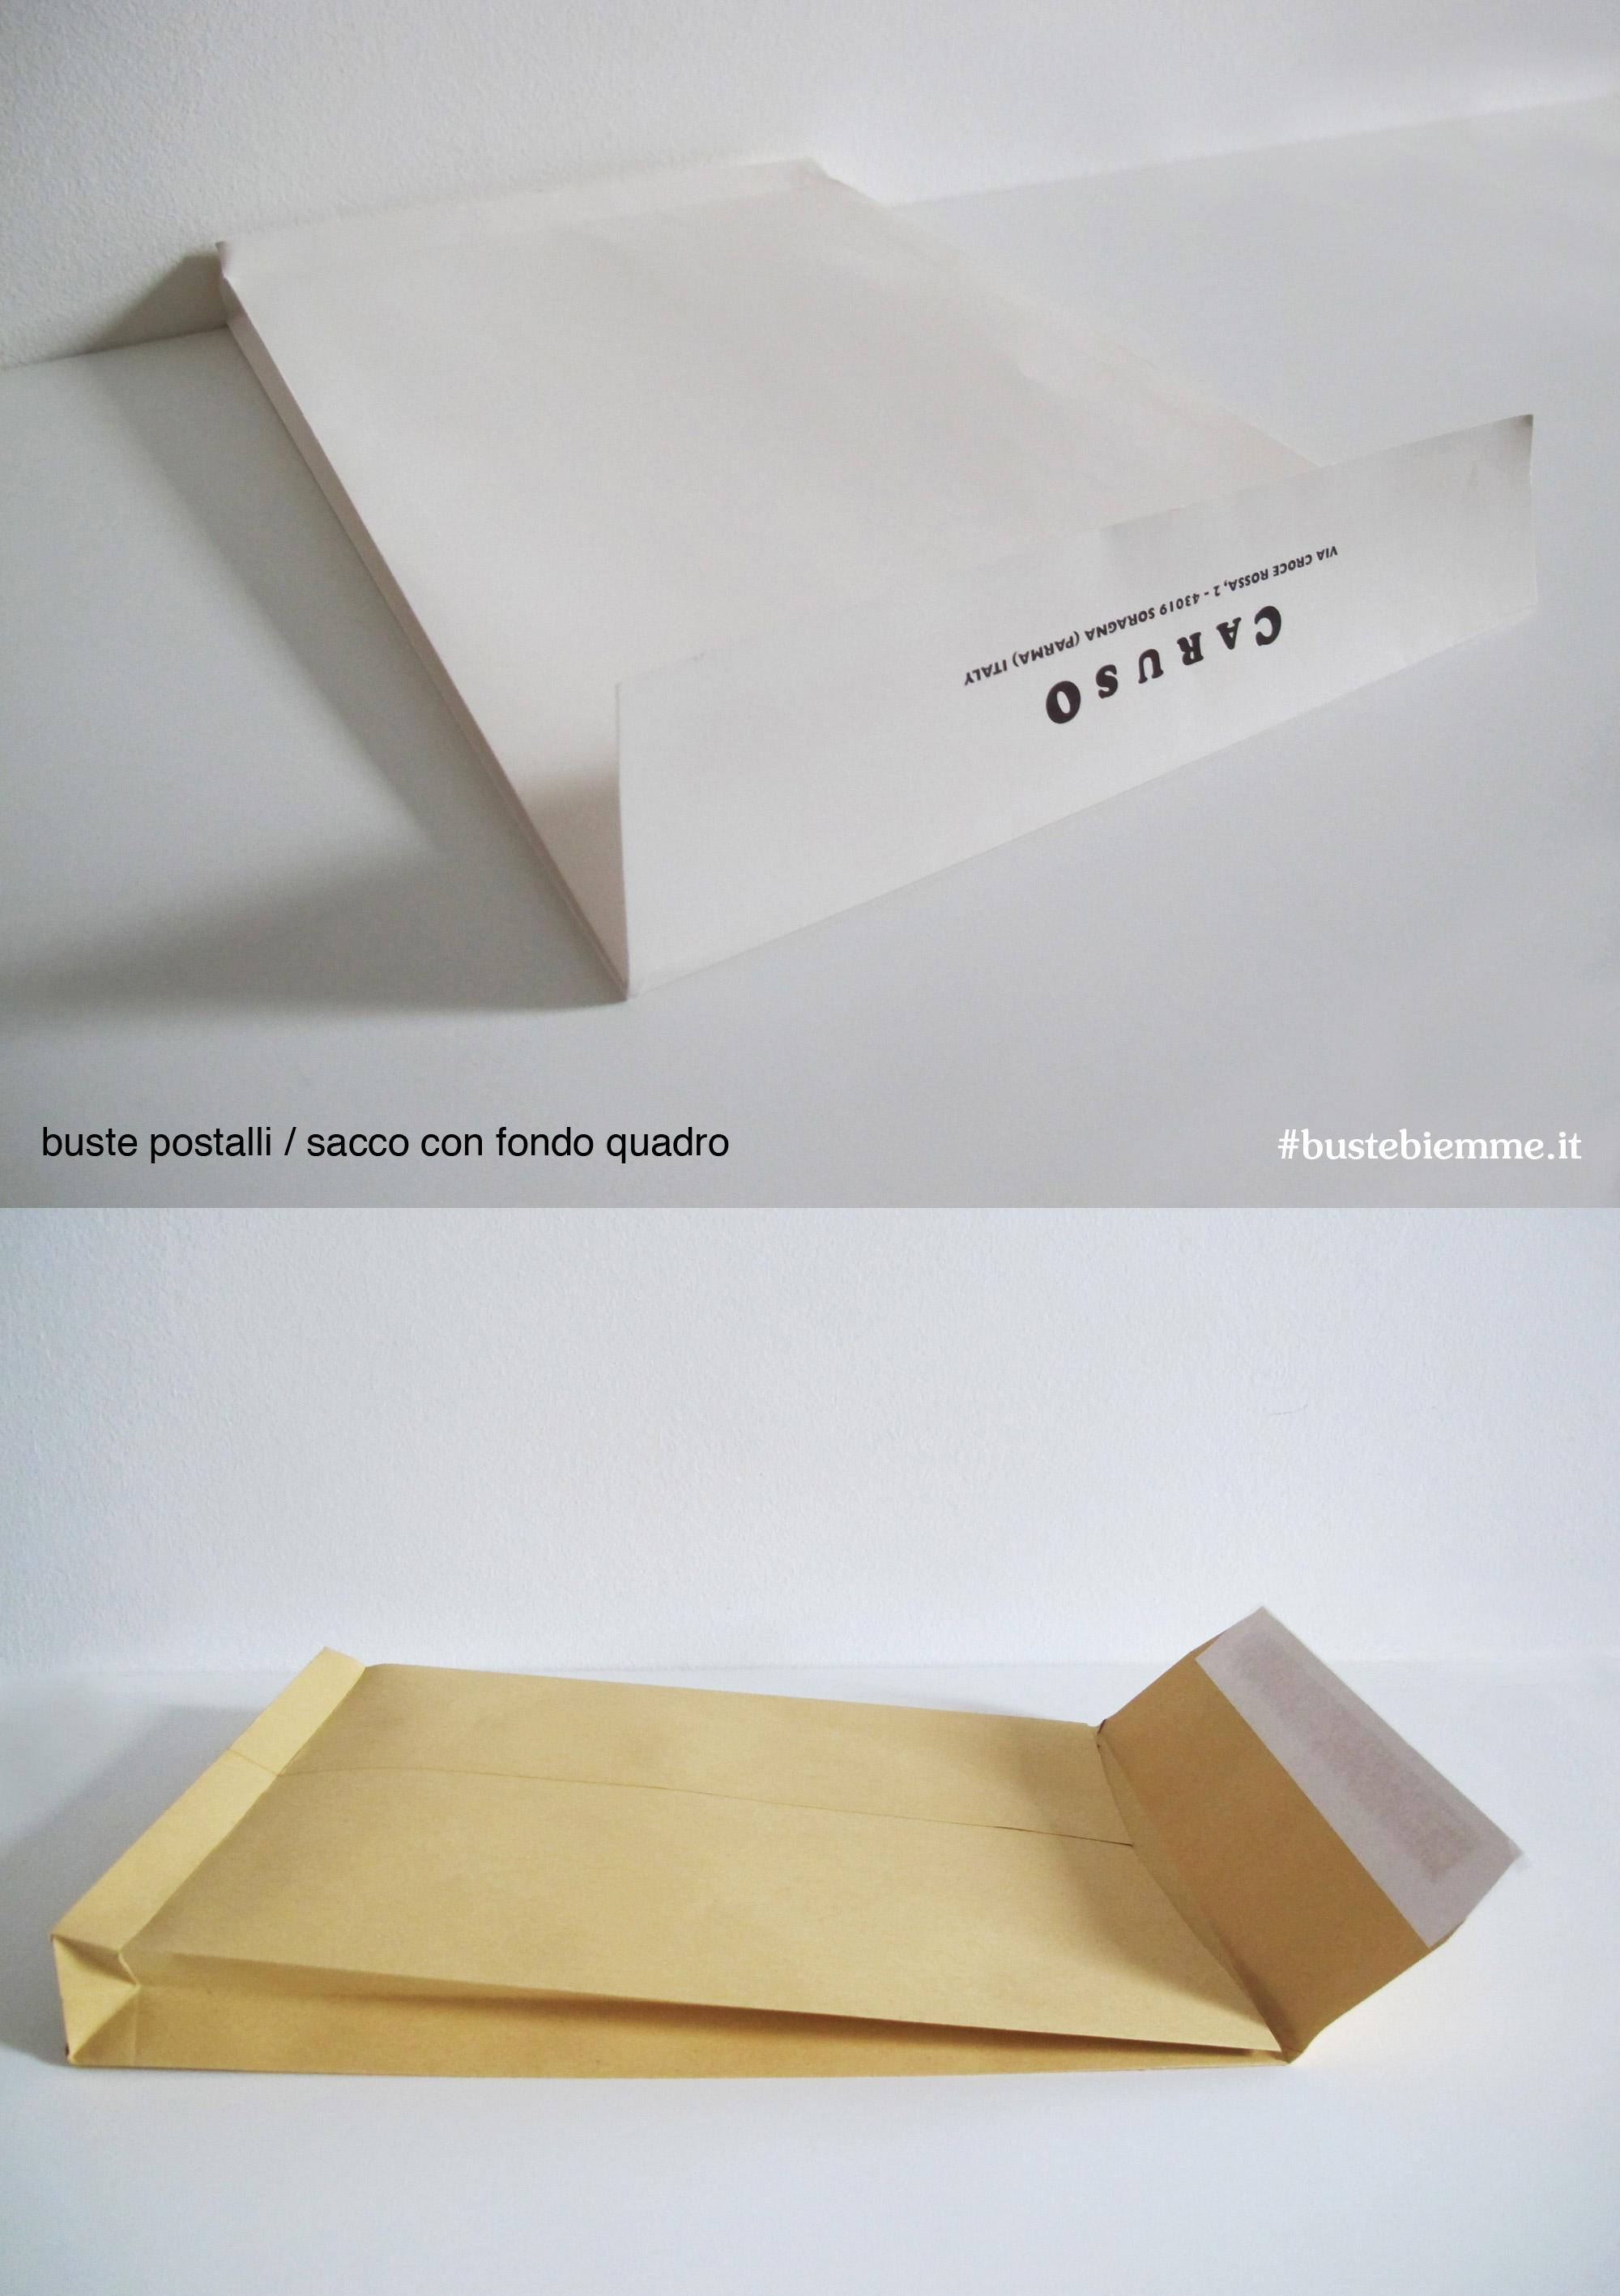 busta a sacco con fondo quadro personalizzata